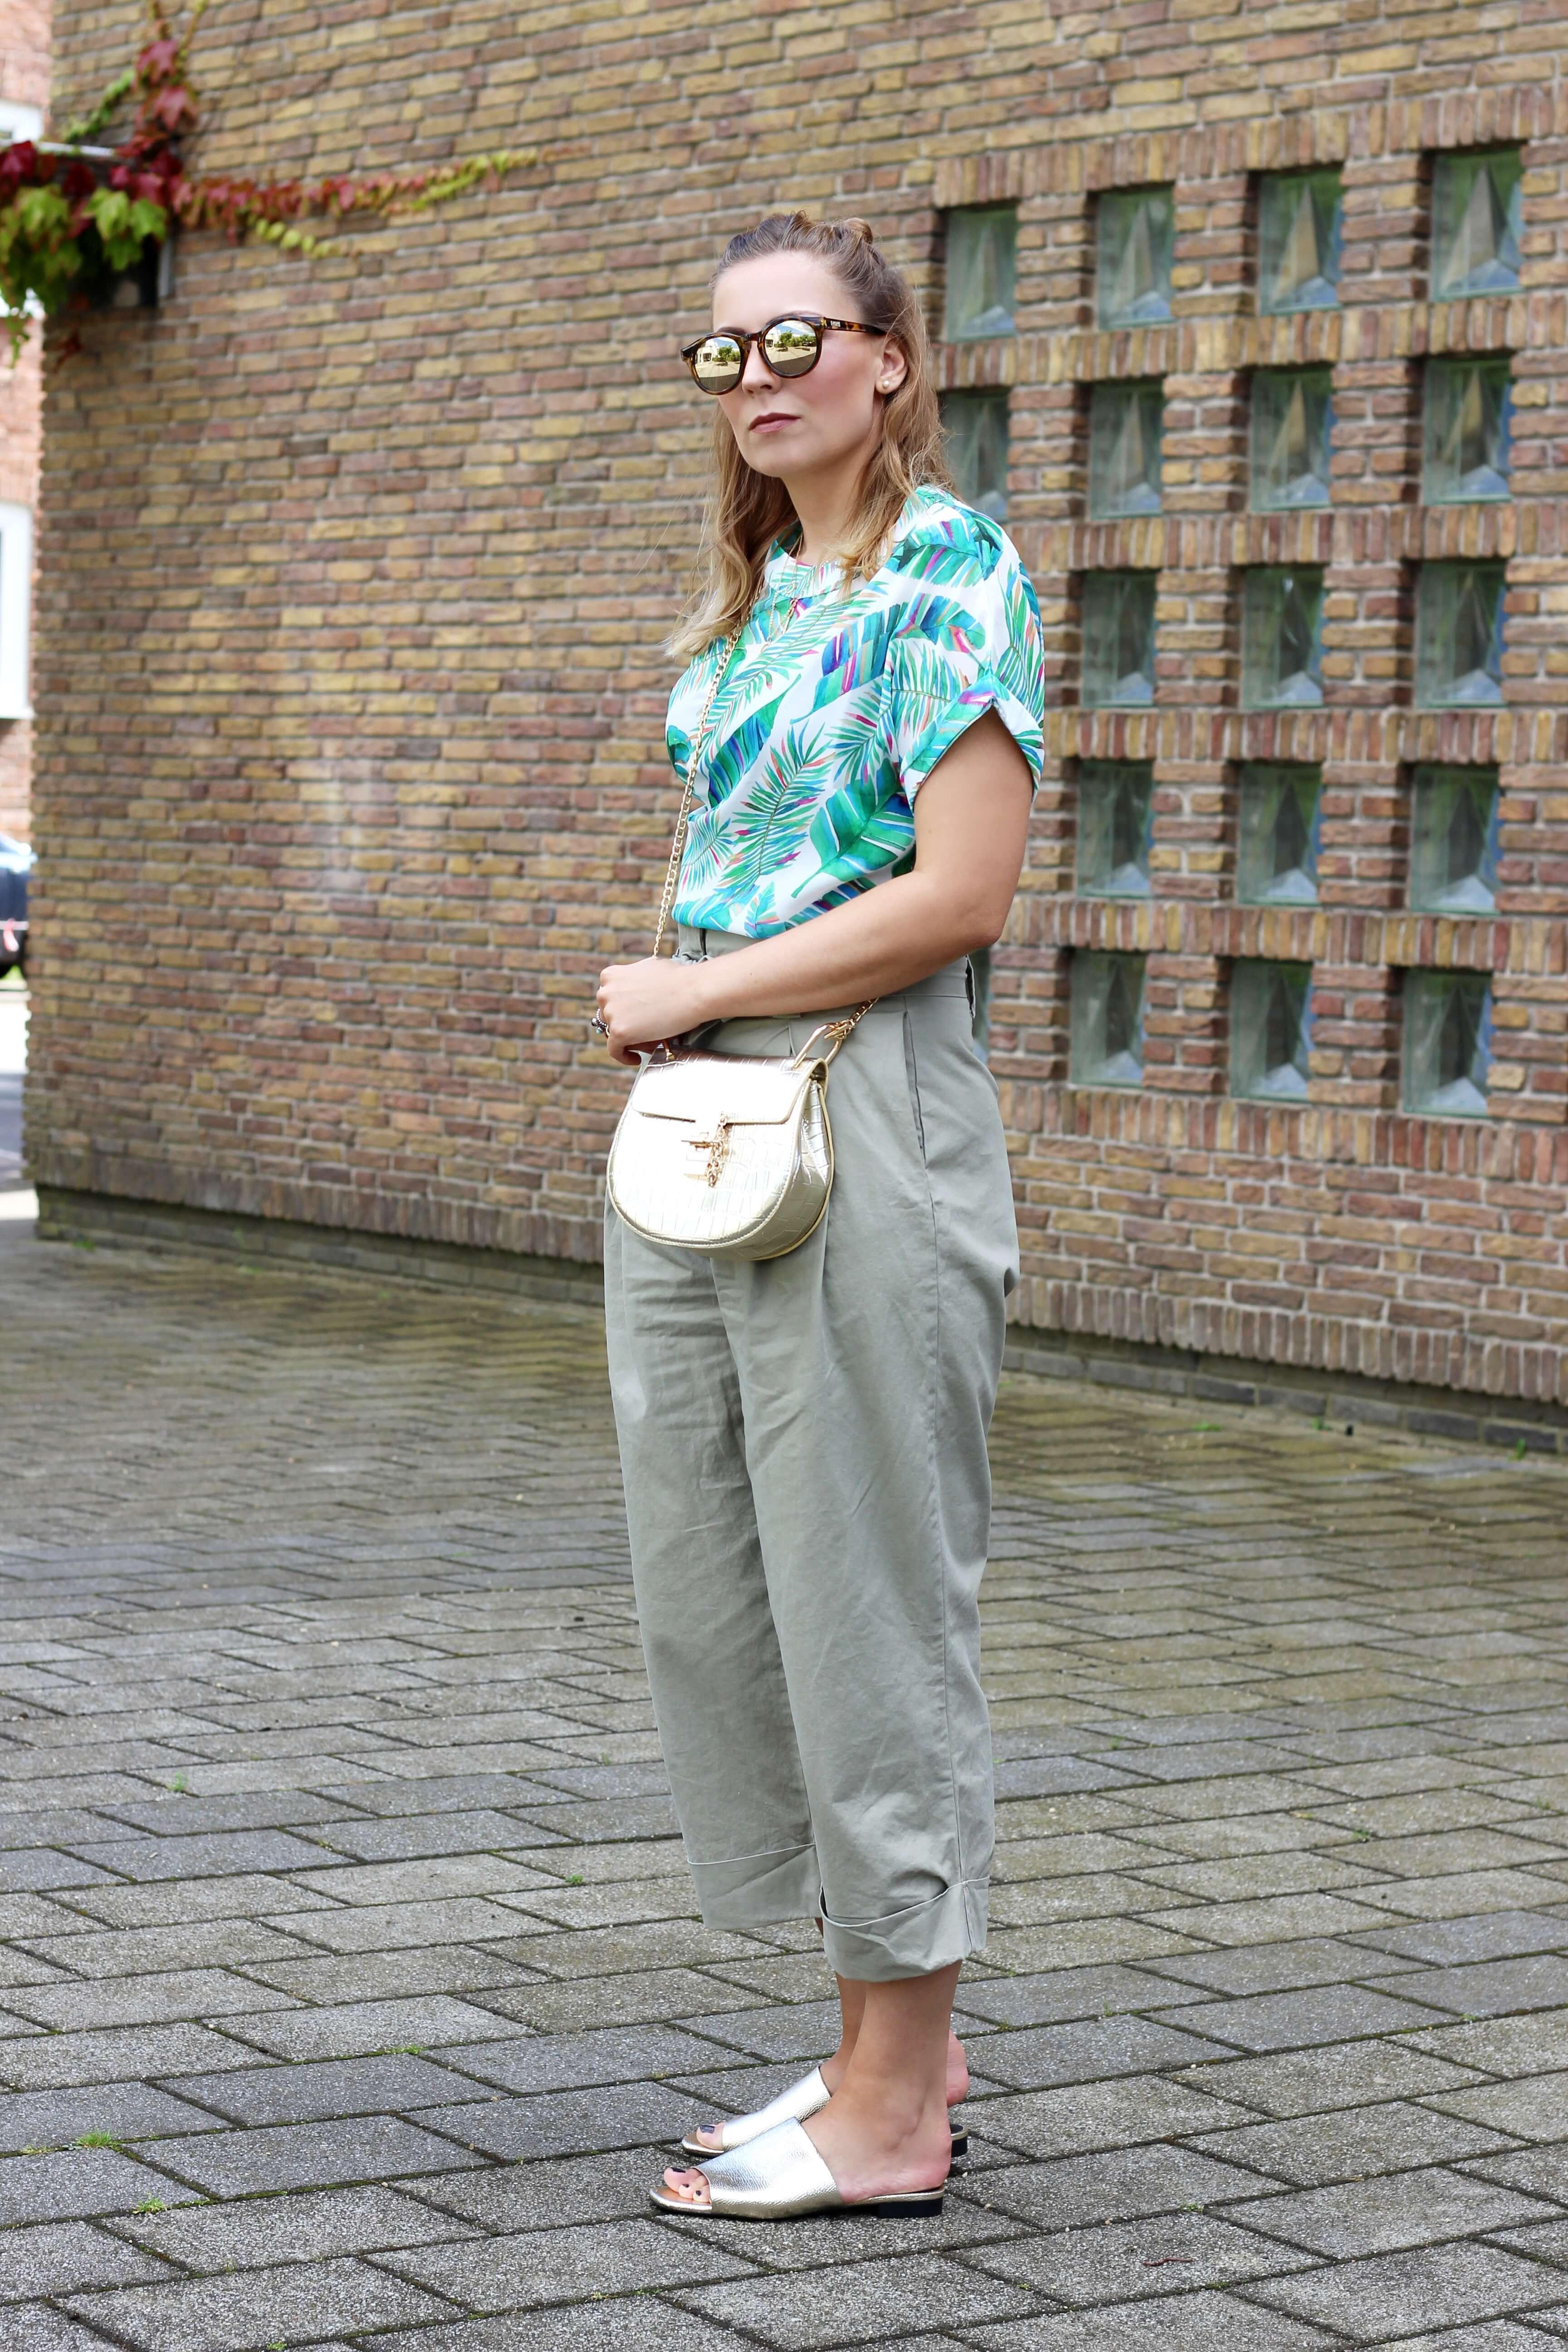 Palmenprintshirt mit weiter Hose und goldenen Accessoires Outfit unter 100 Euro